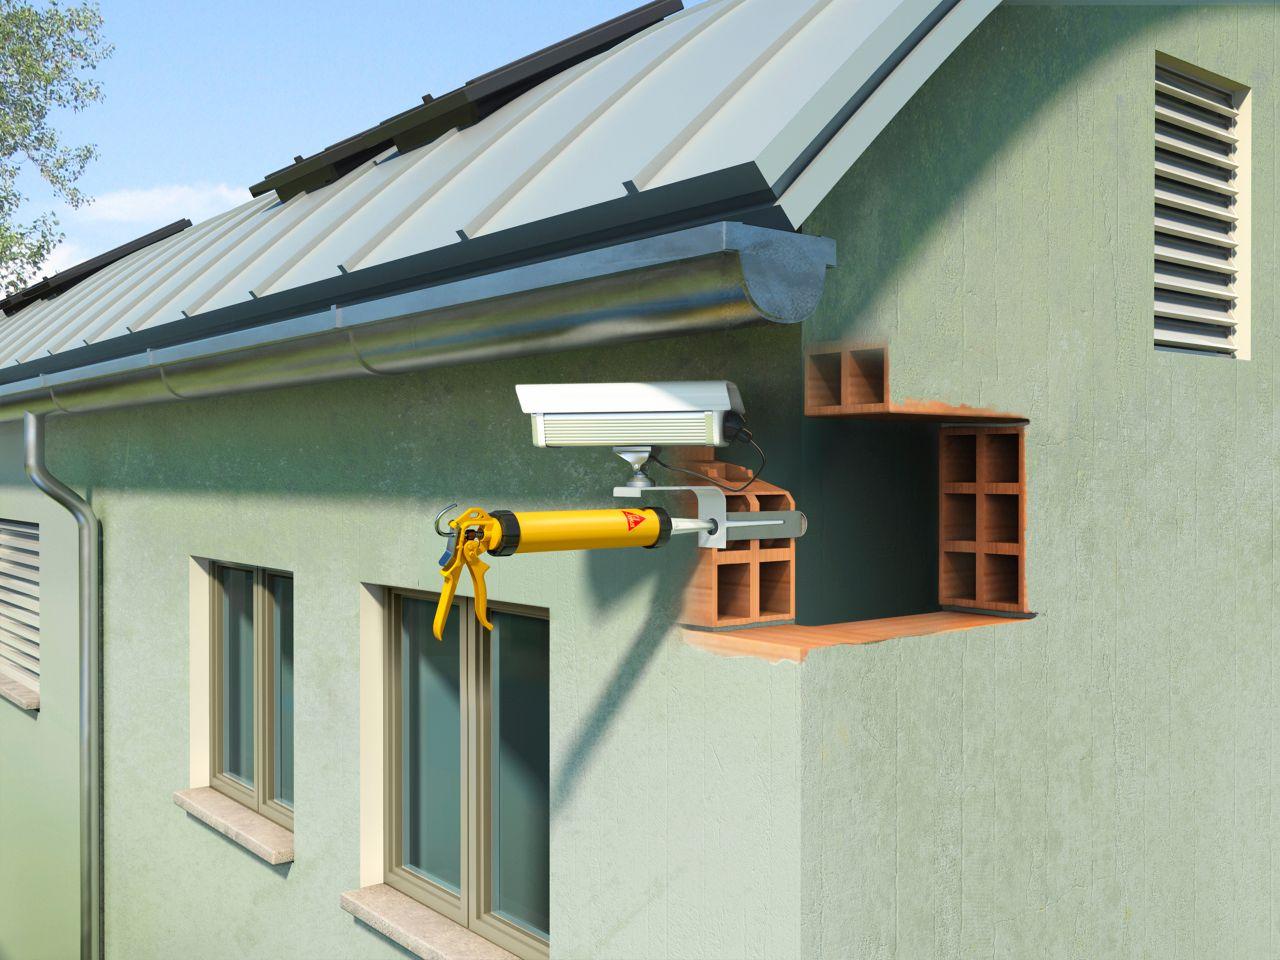 Make it pro facade anchoring